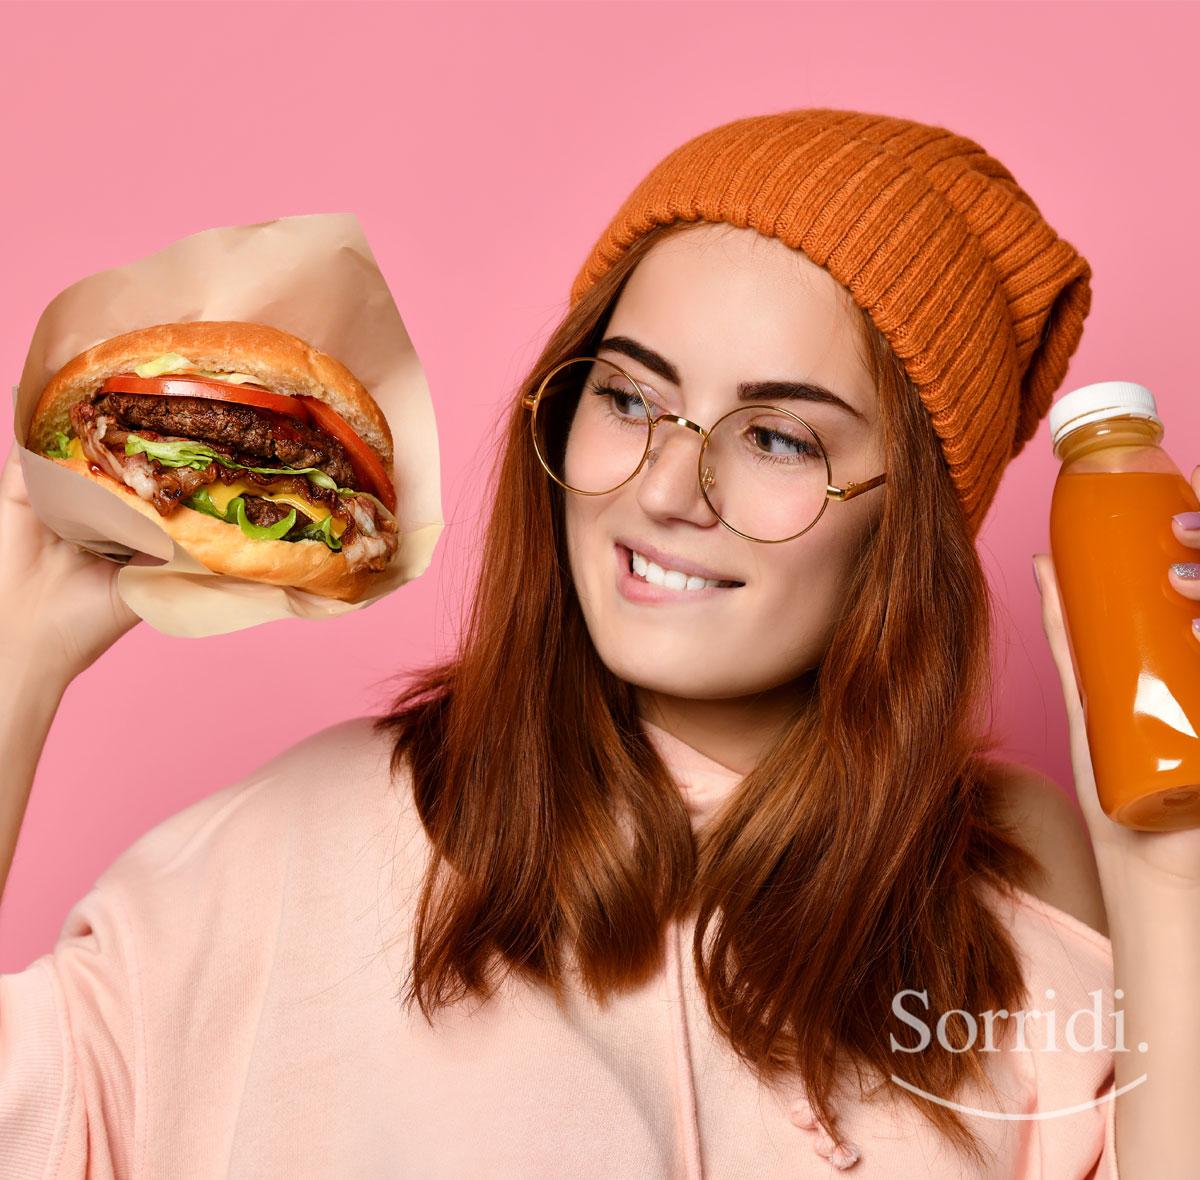 Sorridi-ch-magazine-carie-nei-ragazzi-alimentazione-scorretta-e-zuccheri-i-primi-colpevoli